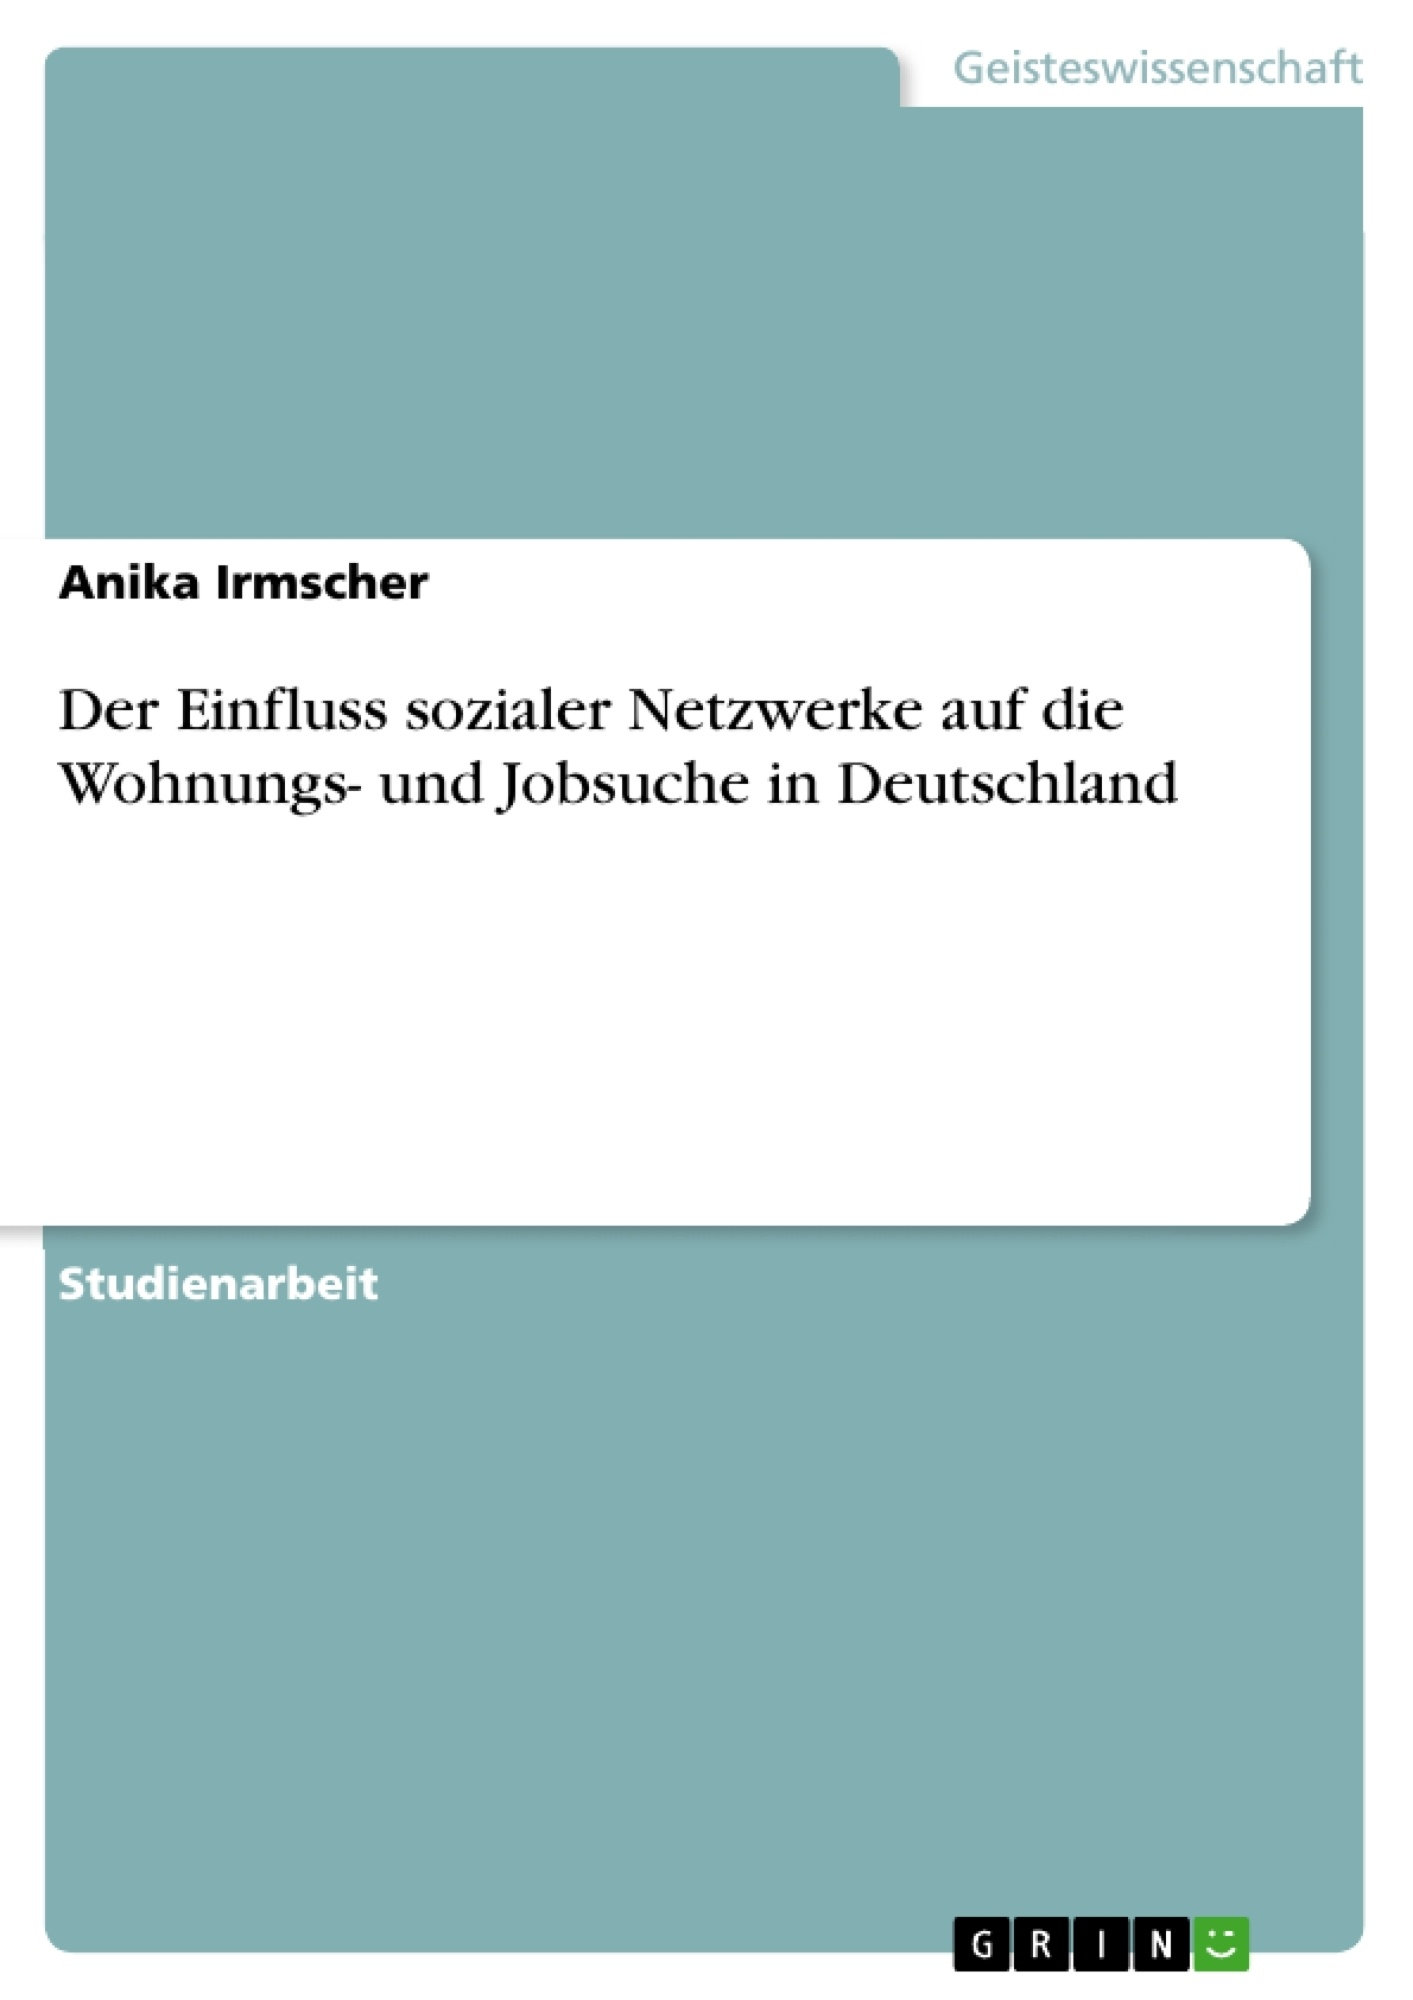 Titel: Der Einfluss sozialer Netzwerke auf die Wohnungs- und Jobsuche in Deutschland